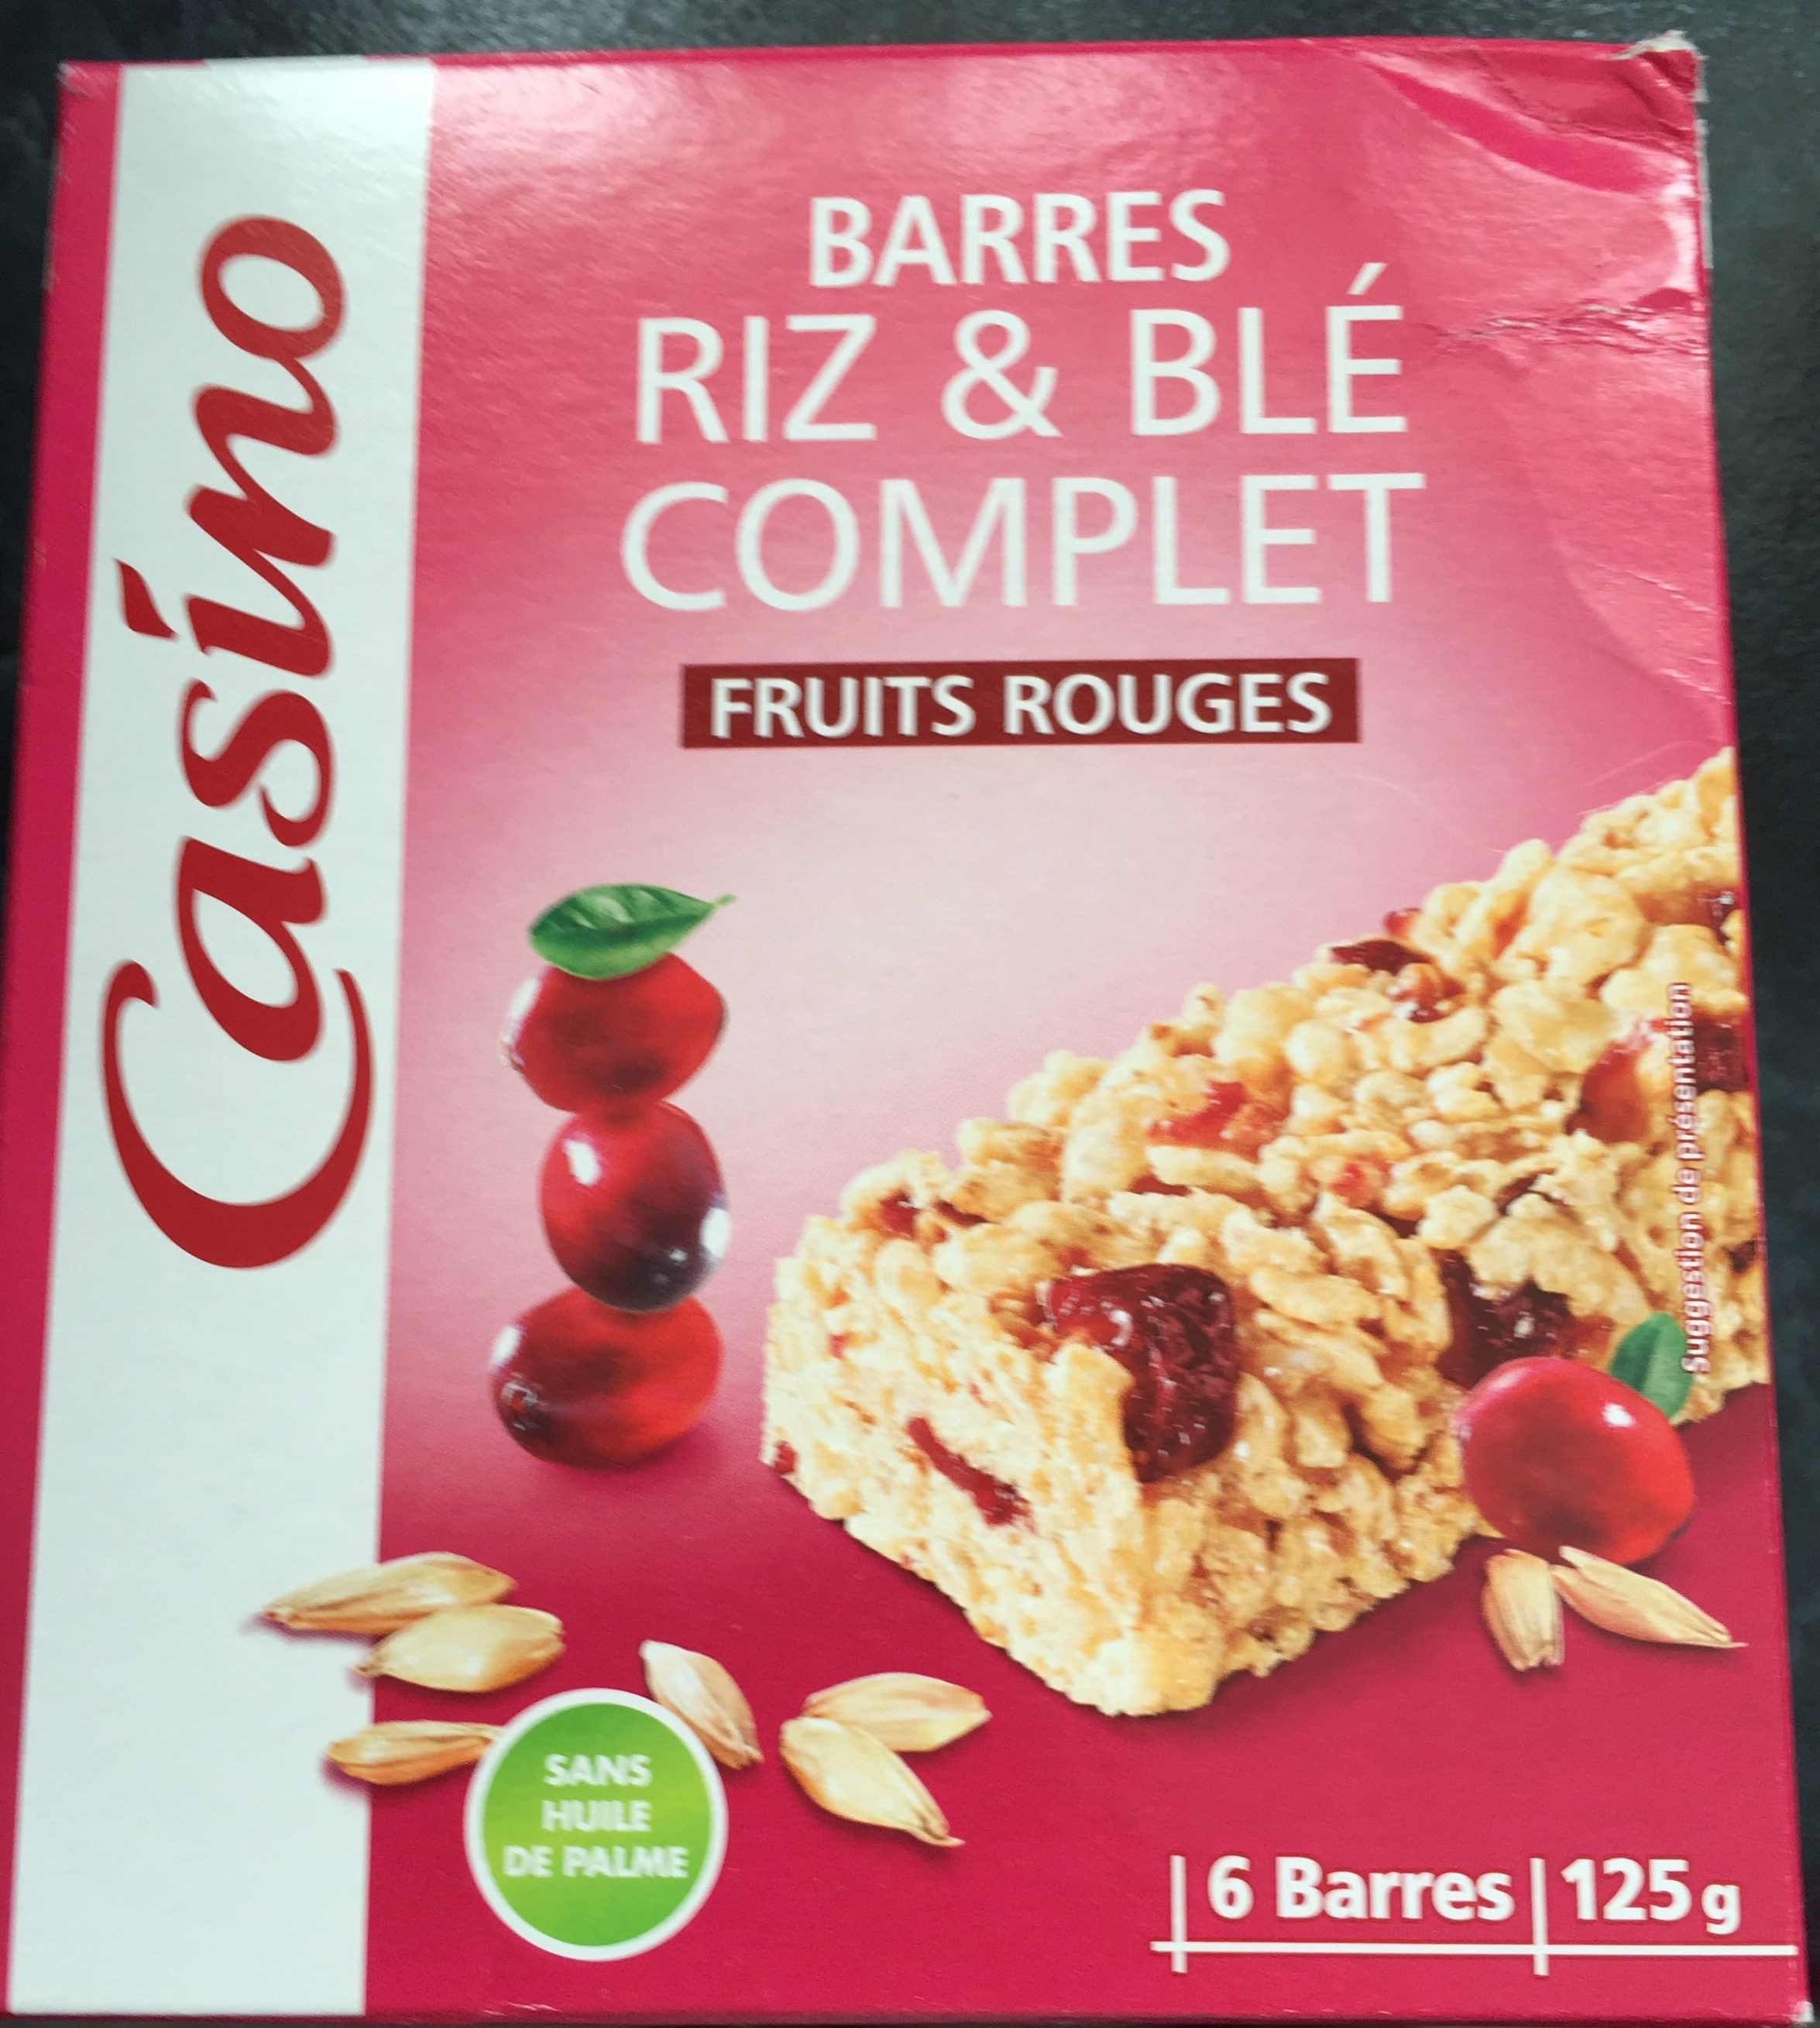 Barres riz & blé complet Fruits rouges - Produit - fr